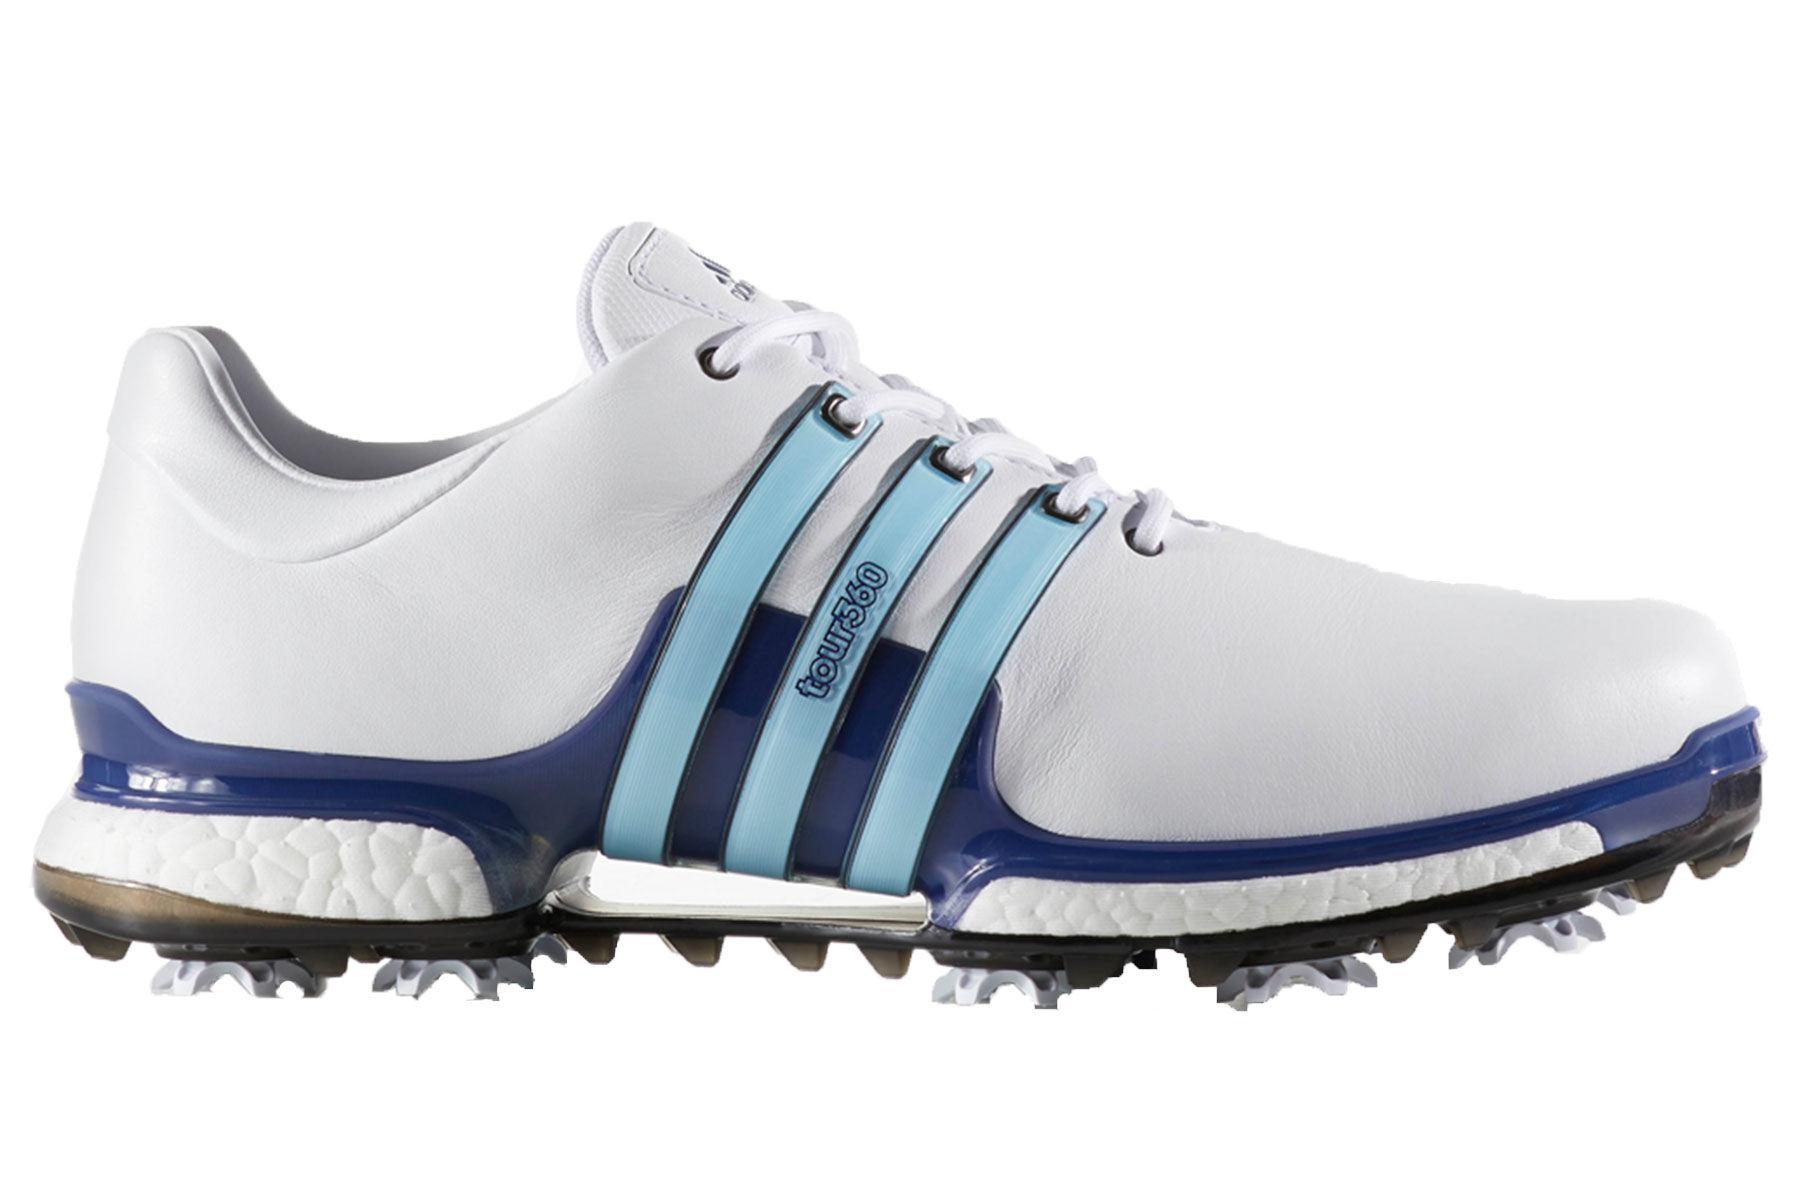 scarpe adidas 2.0